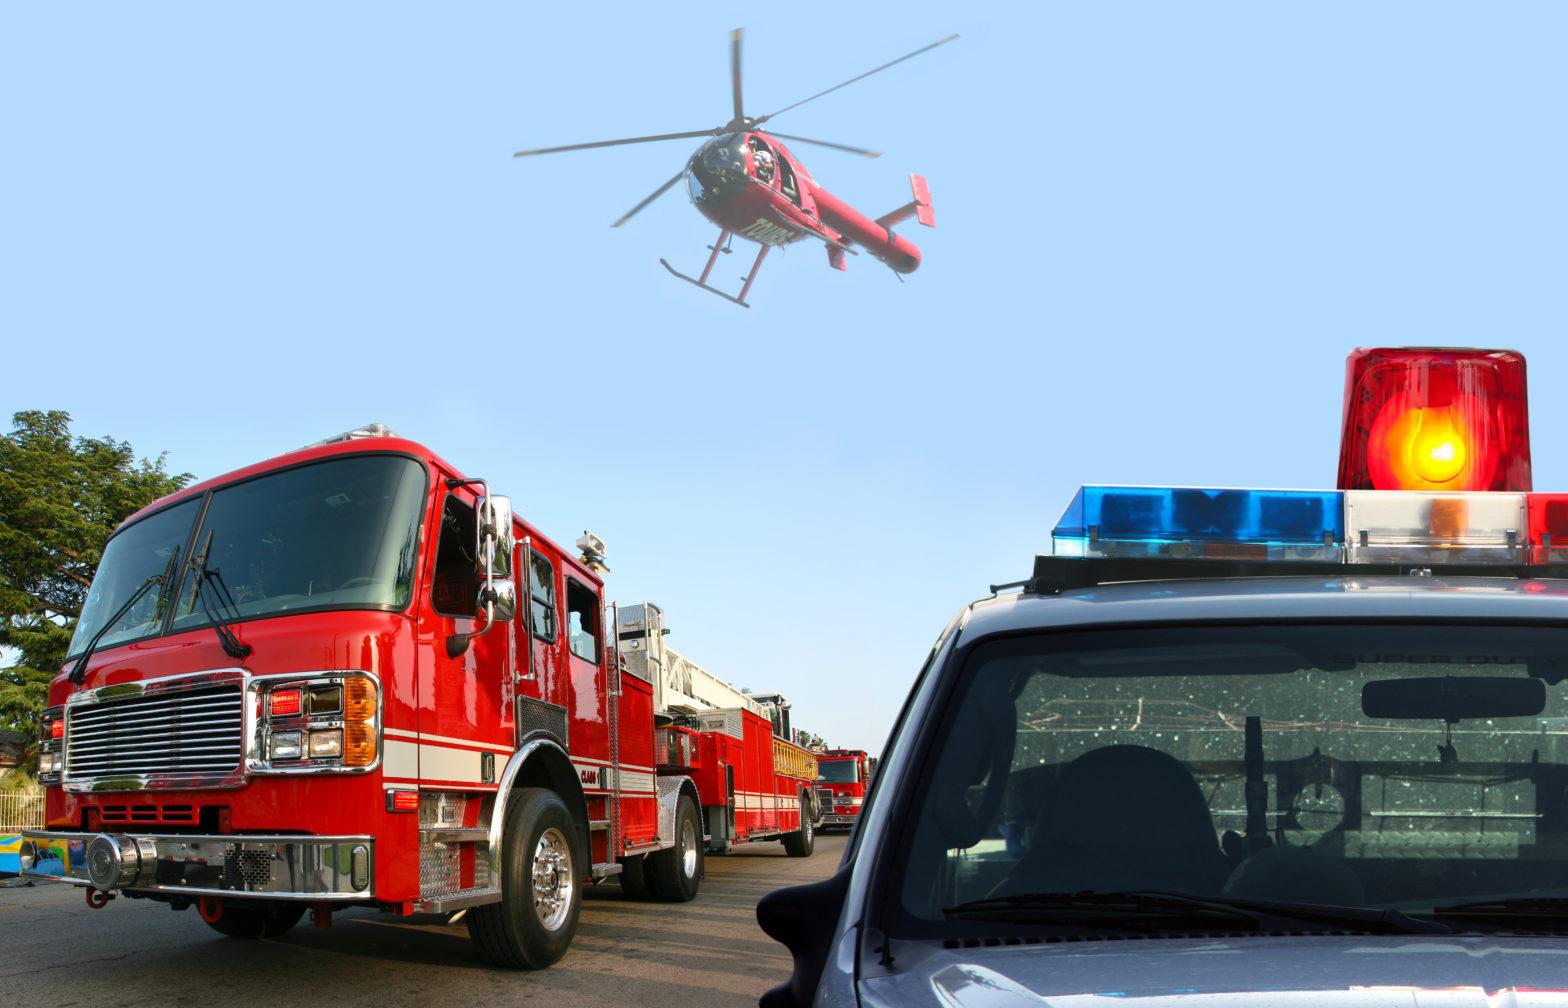 Besonders bei modernen Fahrzeugen ist nach einem Unfall die Rettungskarte wichtig.